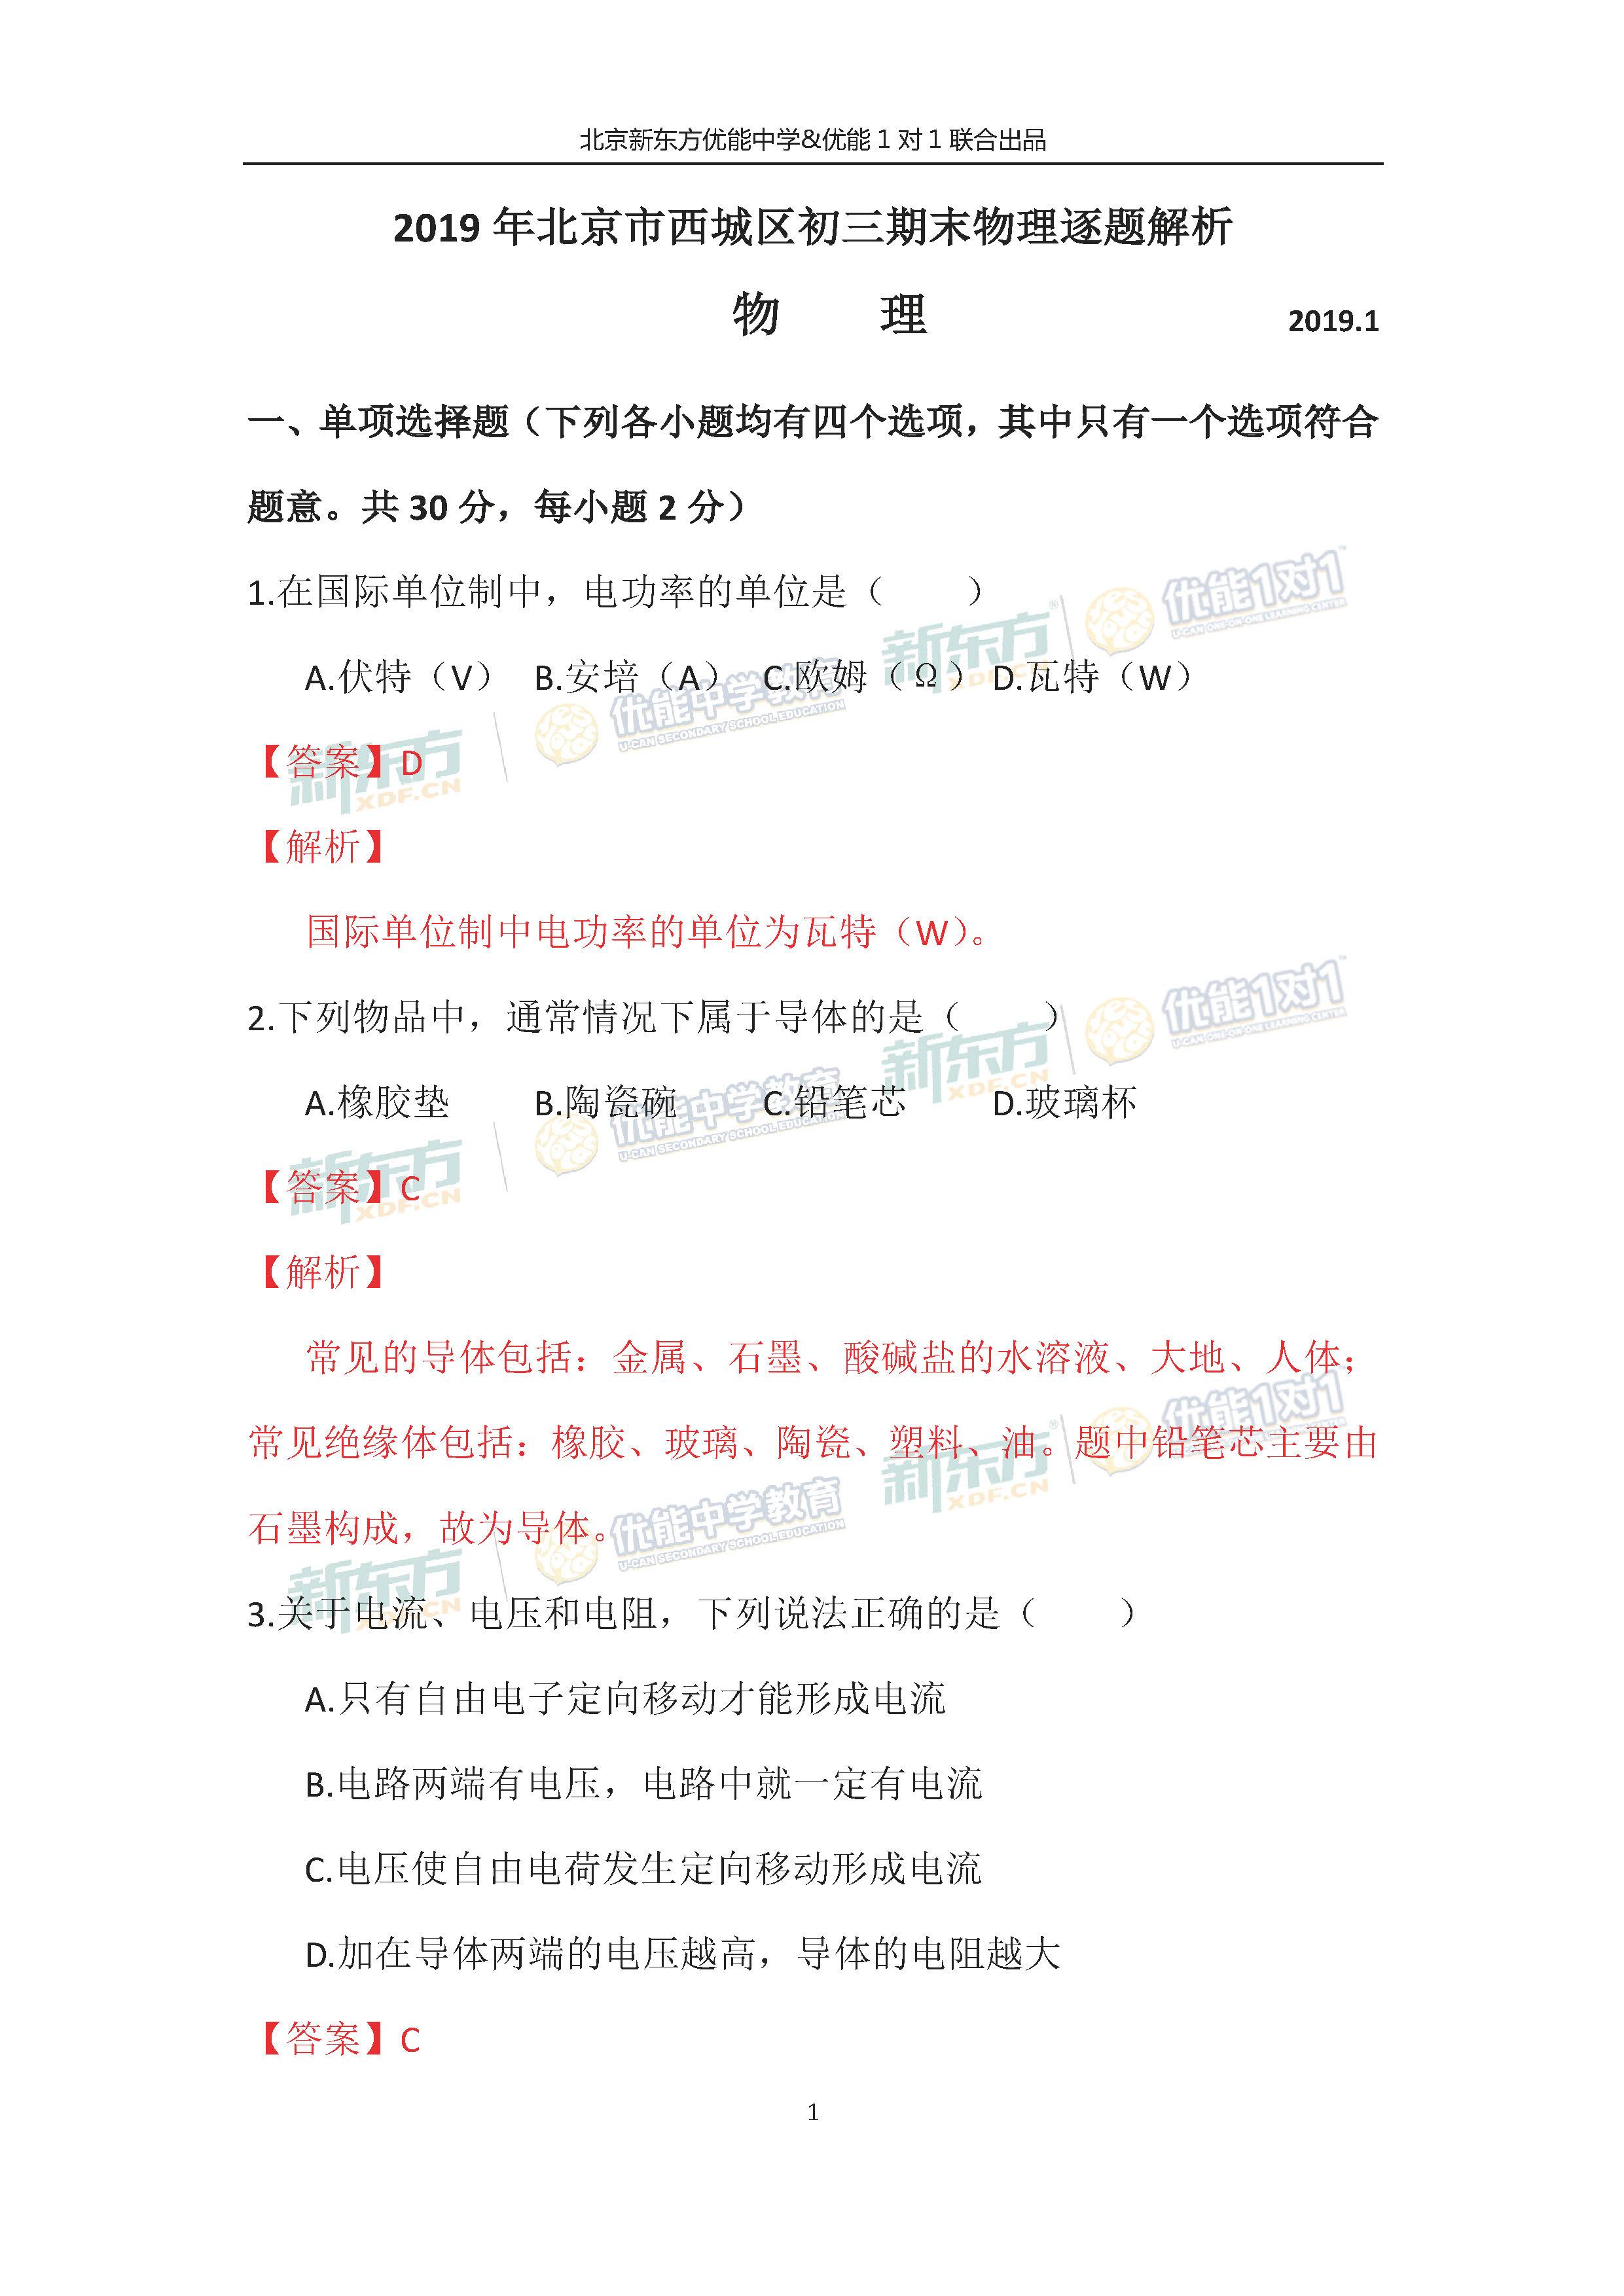 2018-2019学年北京西城初三期末物理试题答案逐题解析